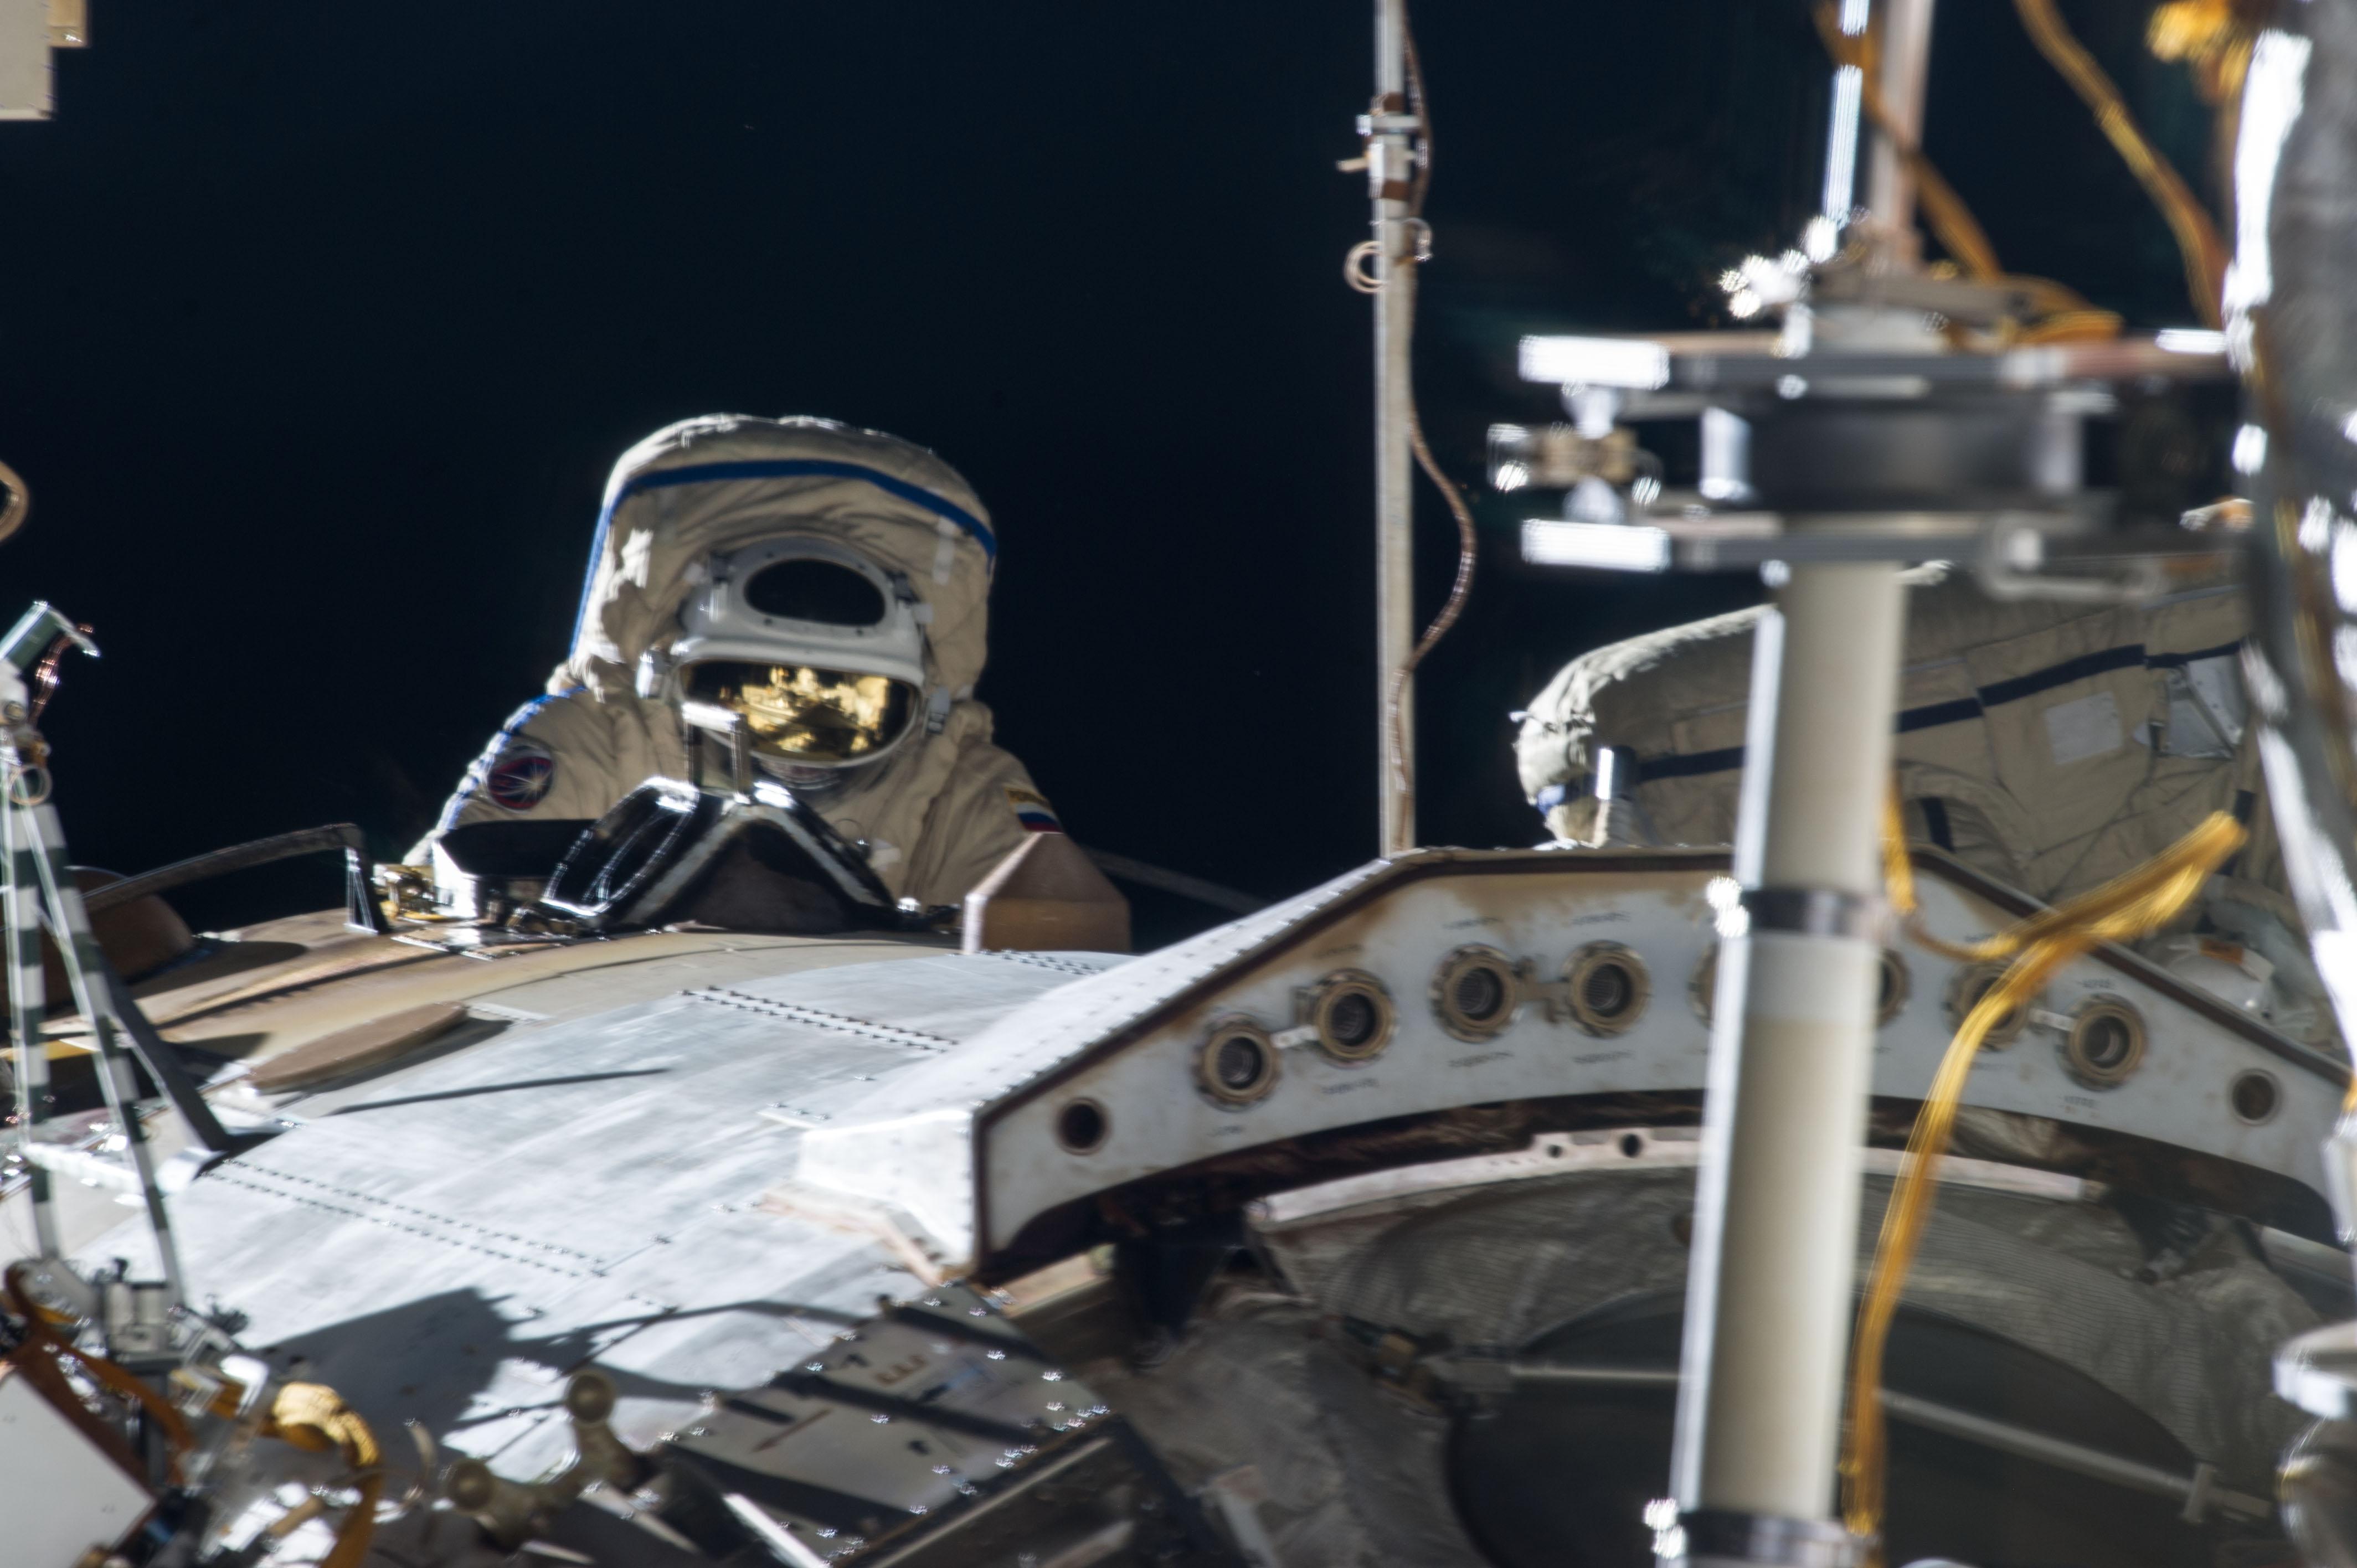 Expedition 35 Spacewalk